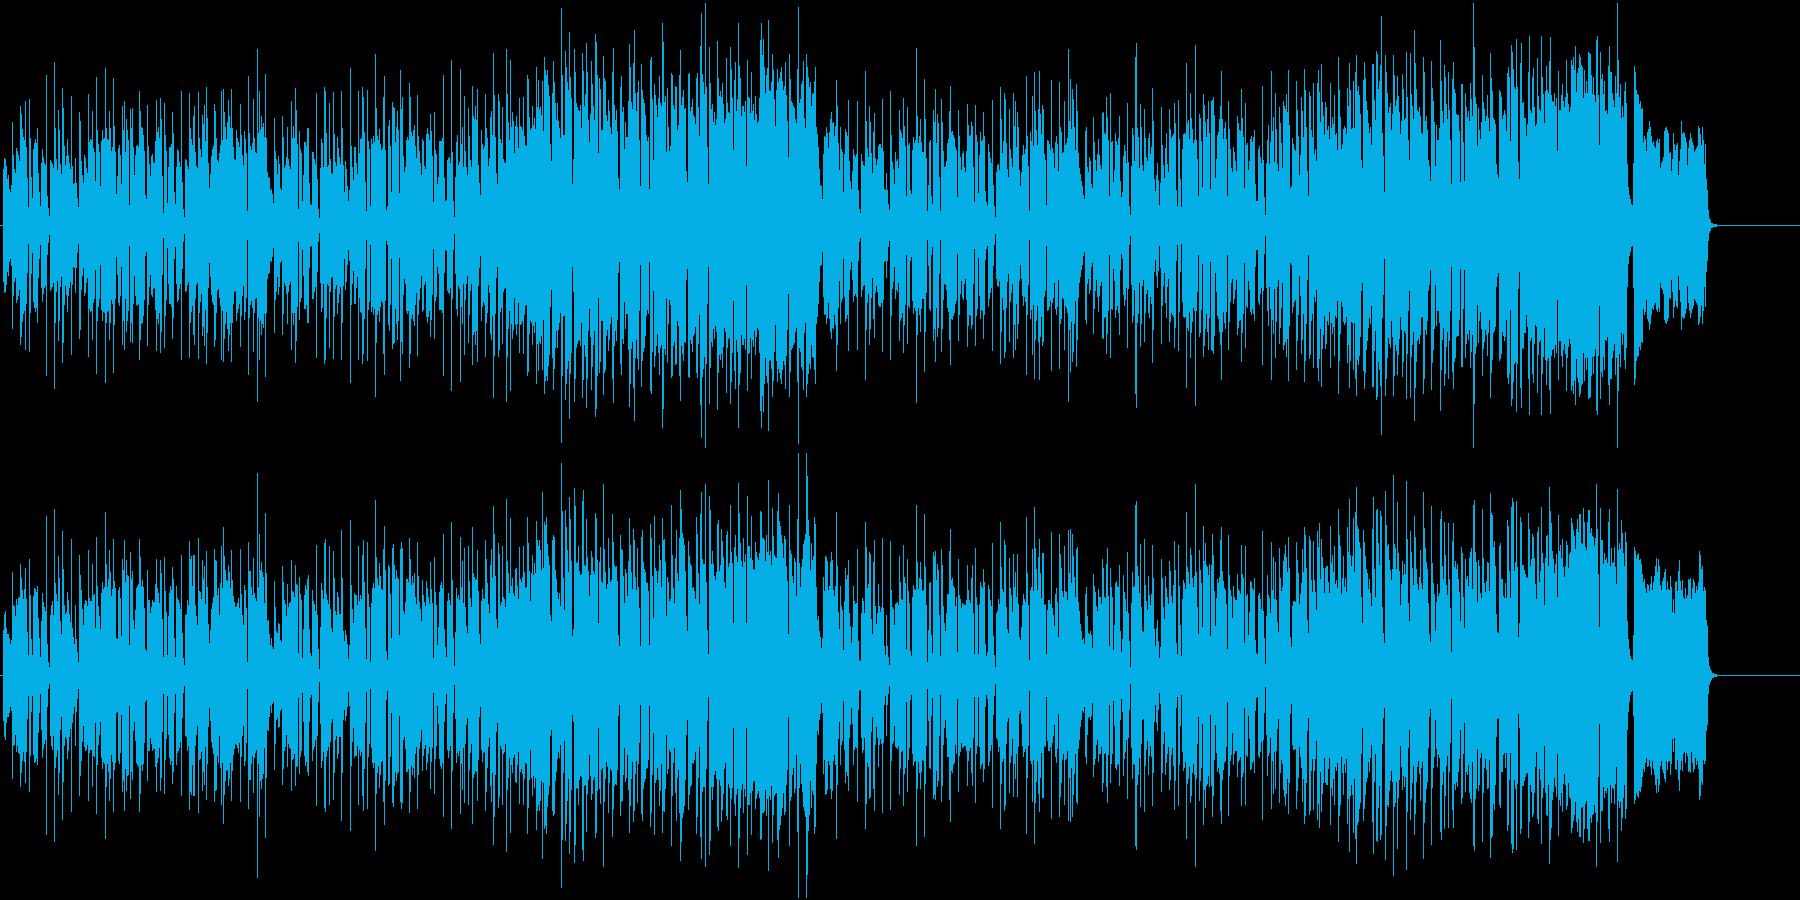 ポップなフルートの映像用BGMの再生済みの波形